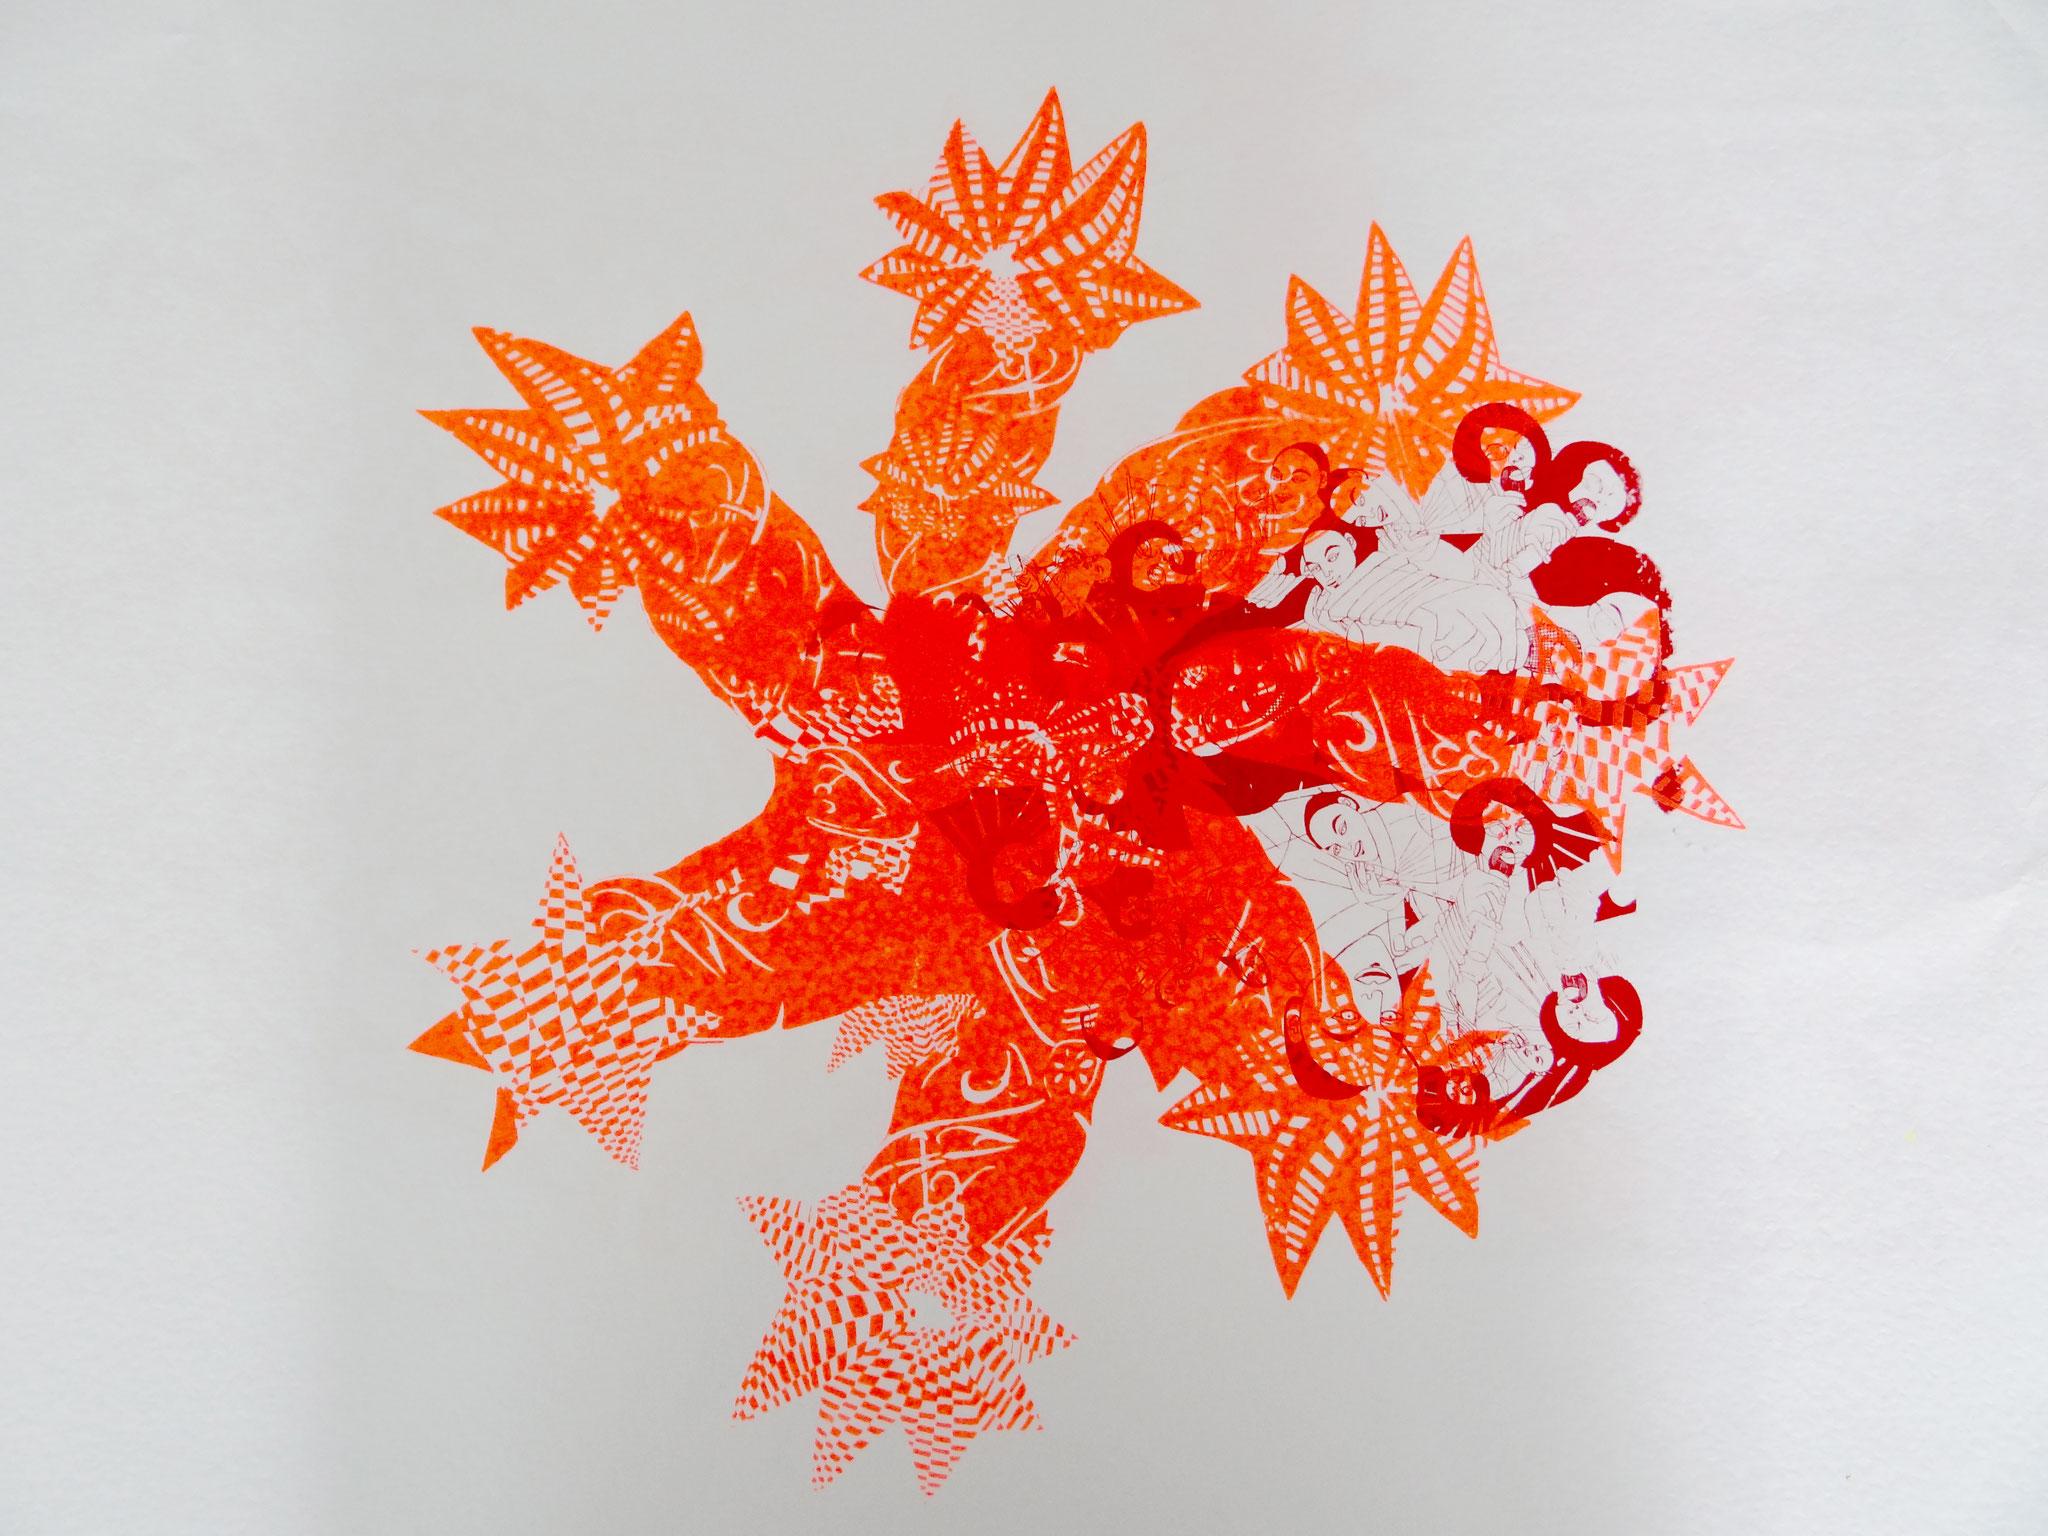 Acryl auf Papier, 50 x 40 cm